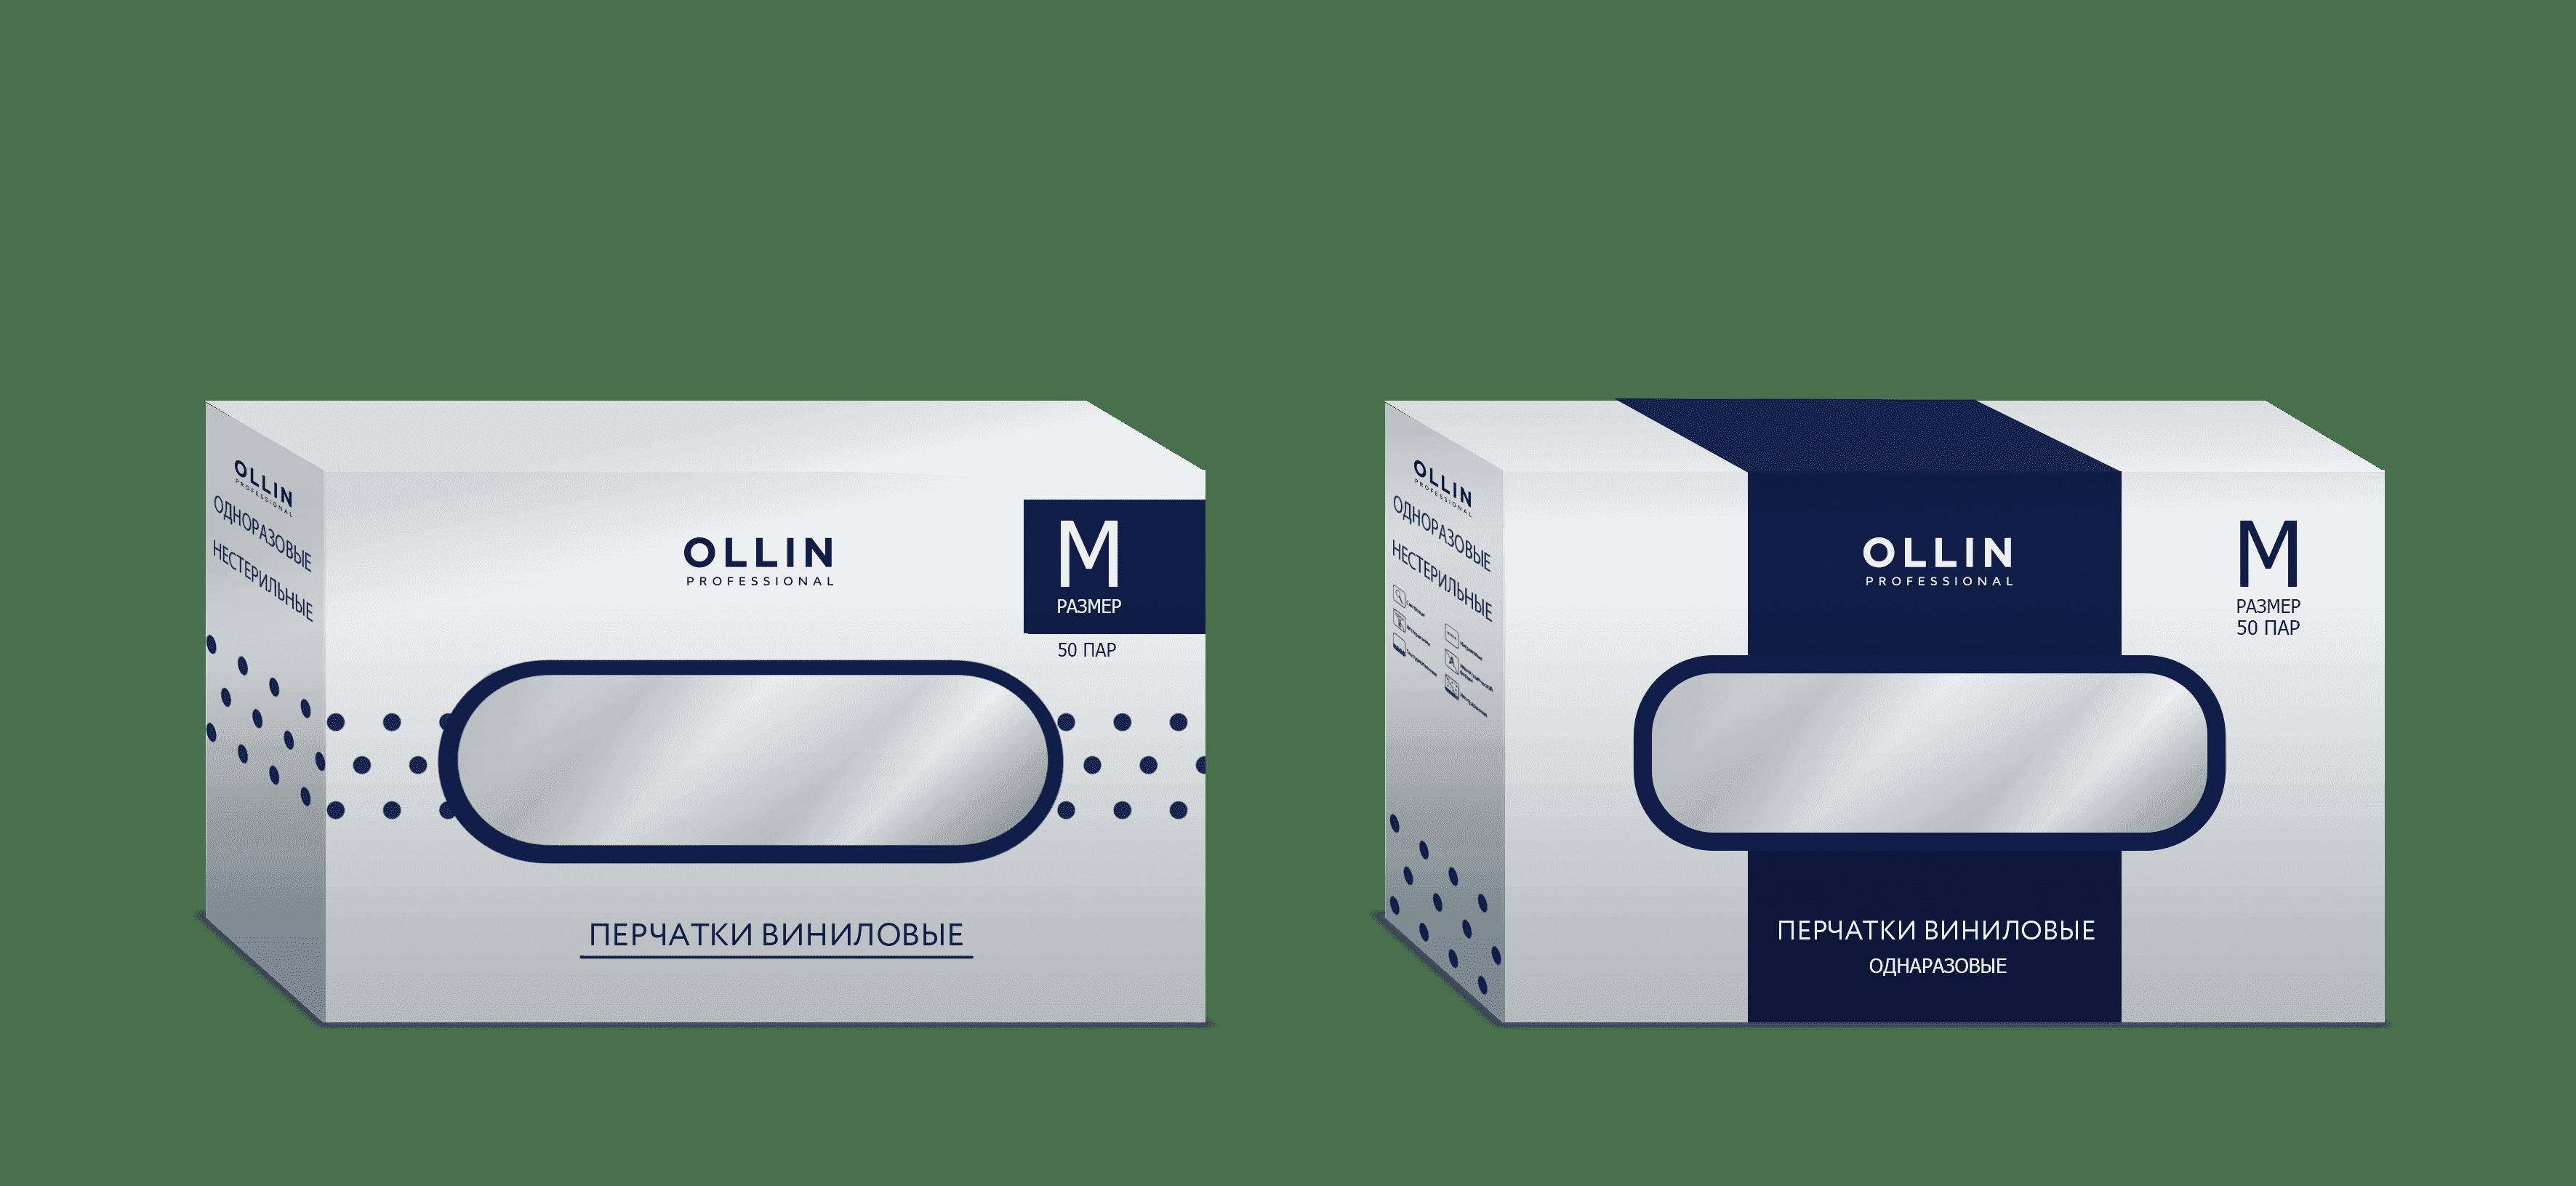 купить OLLIN Professional, Перчатки виниловые неопудренные бесцветные (3 размера) 100шт/уп, 100шт./уп. Размер M дешево